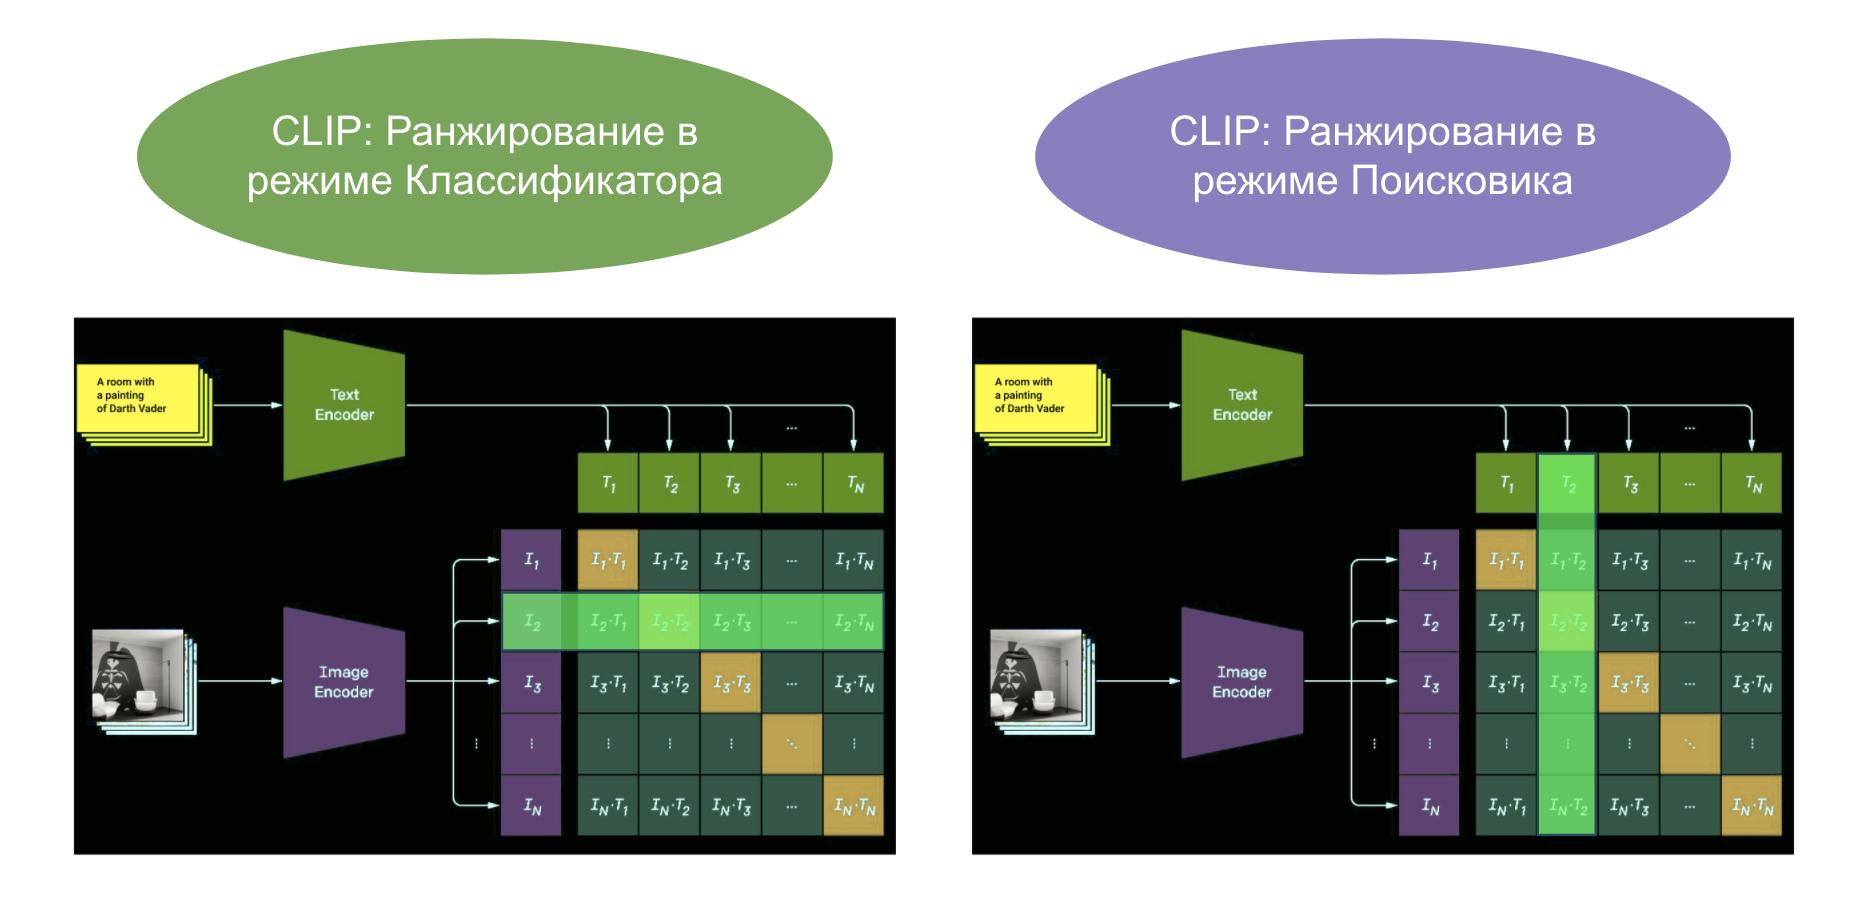 Два возможных режима использования гибридной нейронной сети CLIP